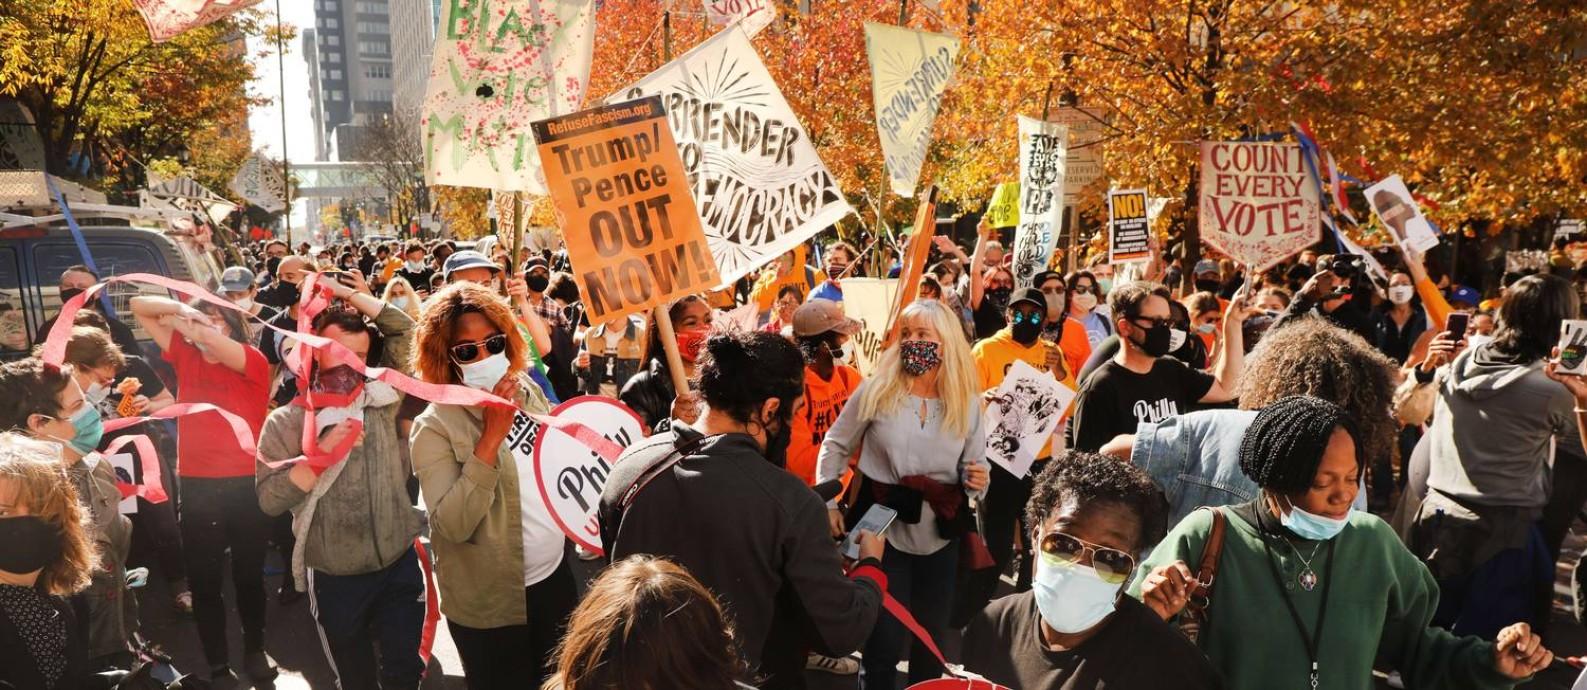 Manifestação a favor de Joe Biden teve clima de festa na Filadélfia, no estado da Pensilvânia Foto: SPENCER PLATT / AFP